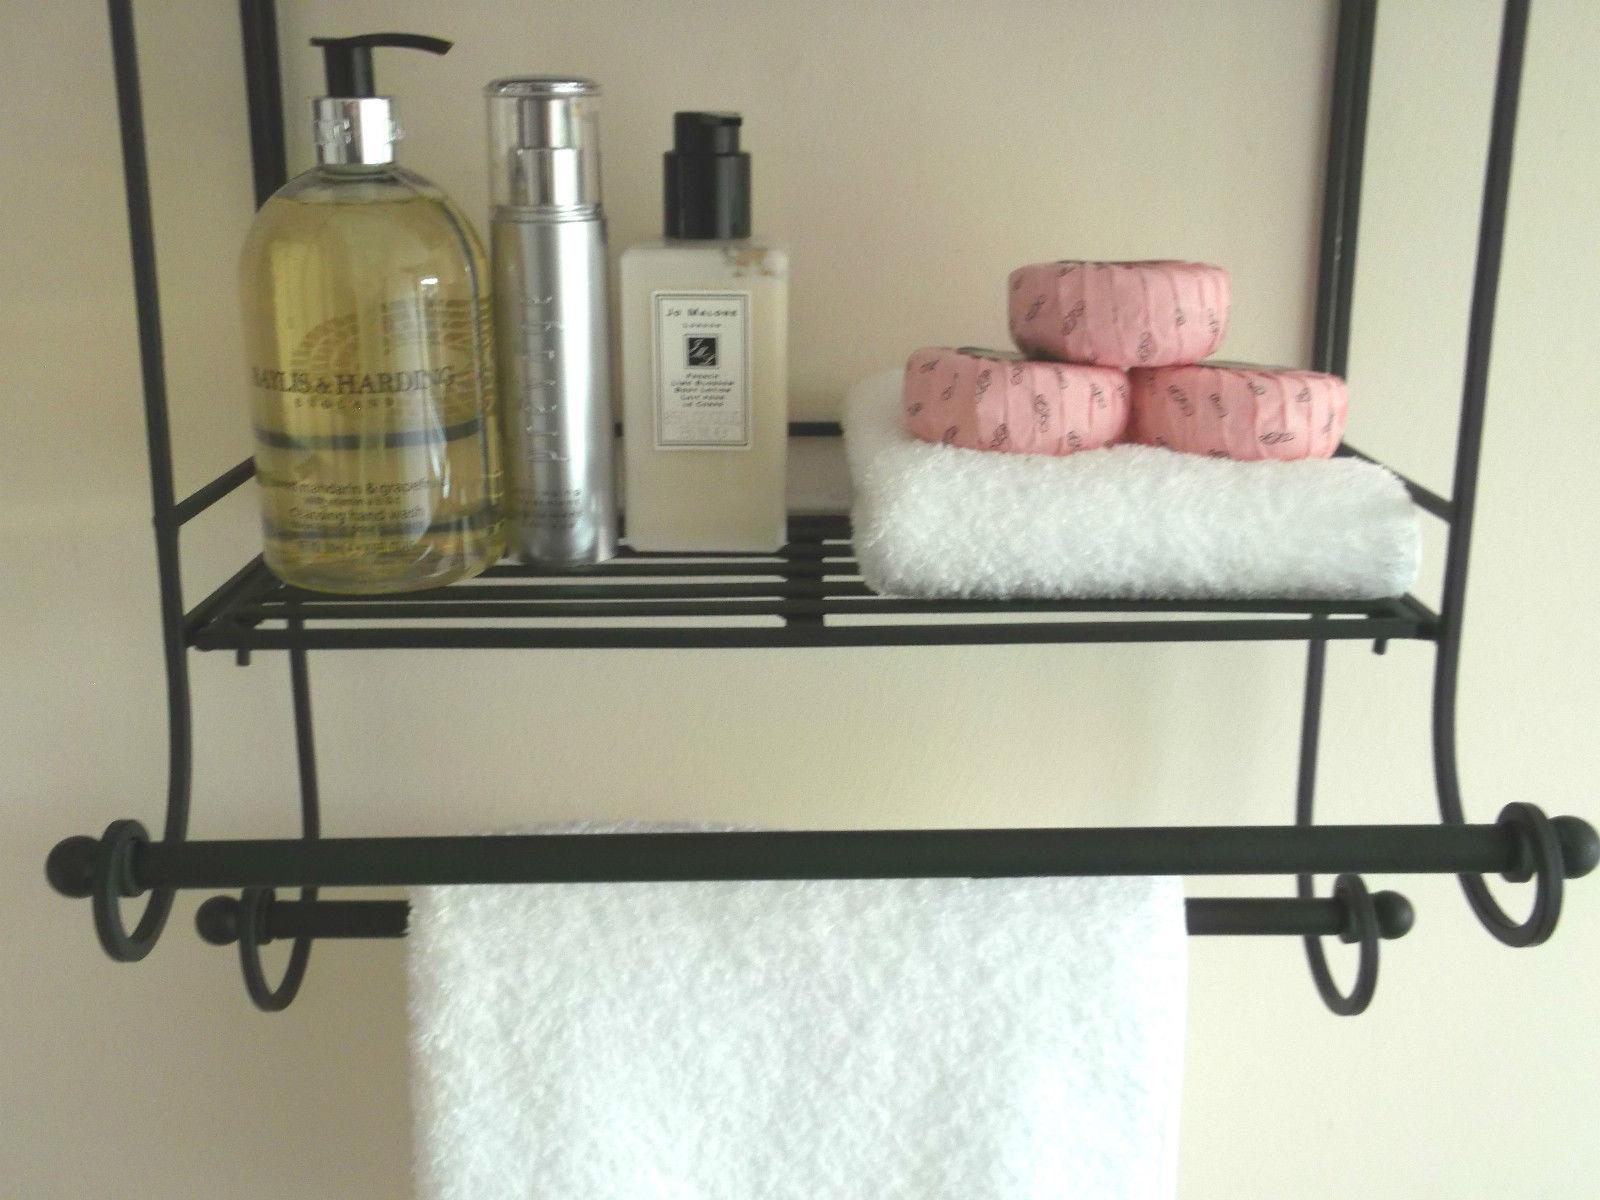 Shabby Chic Black Metal Wall Shelf Towel Rail Amazing